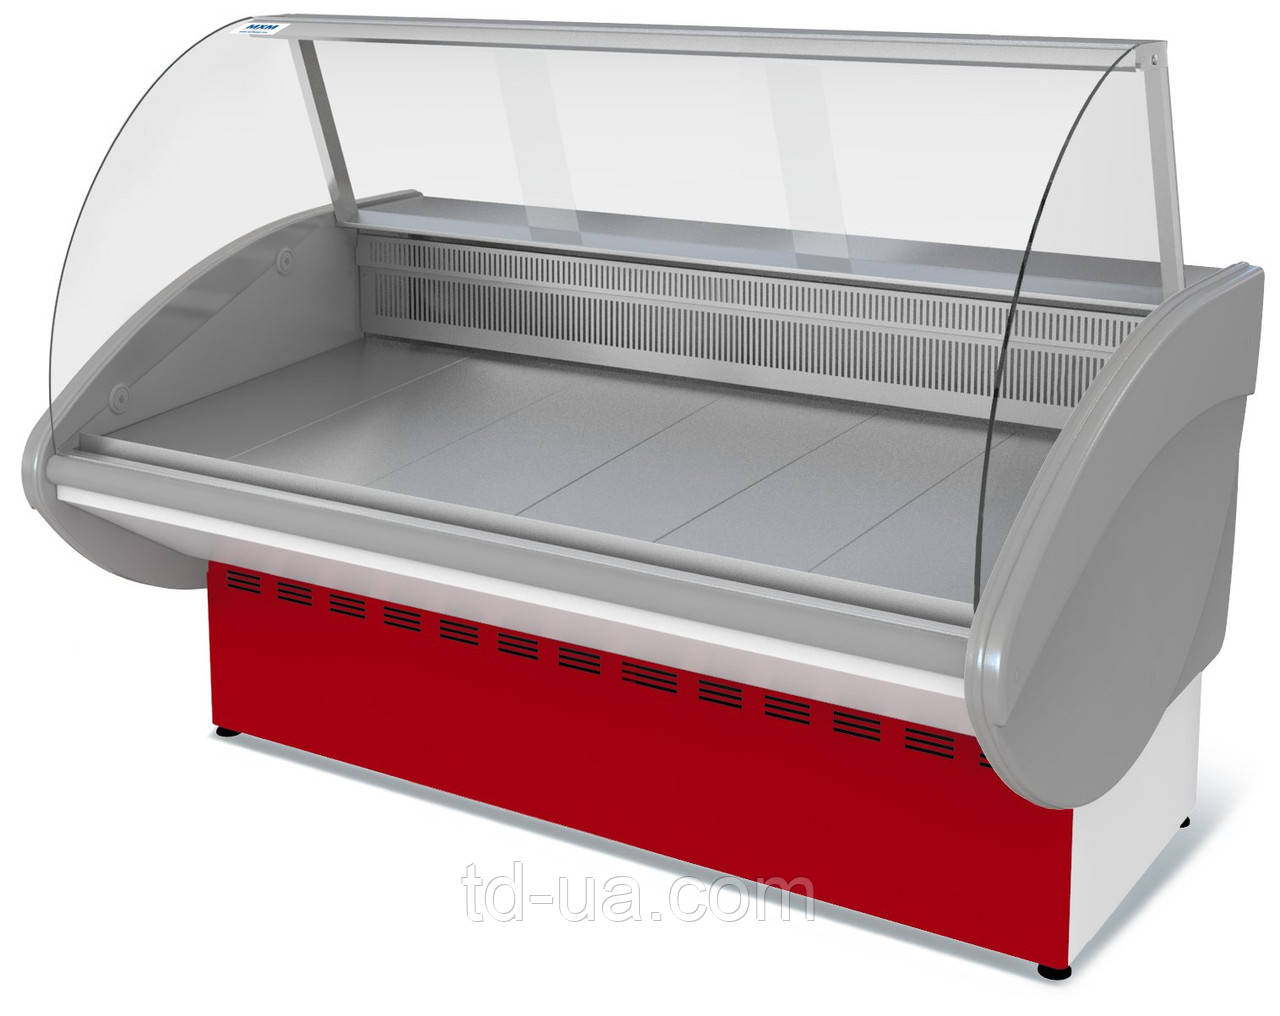 Холодильная витрина Илеть ВХС-2,1 статика